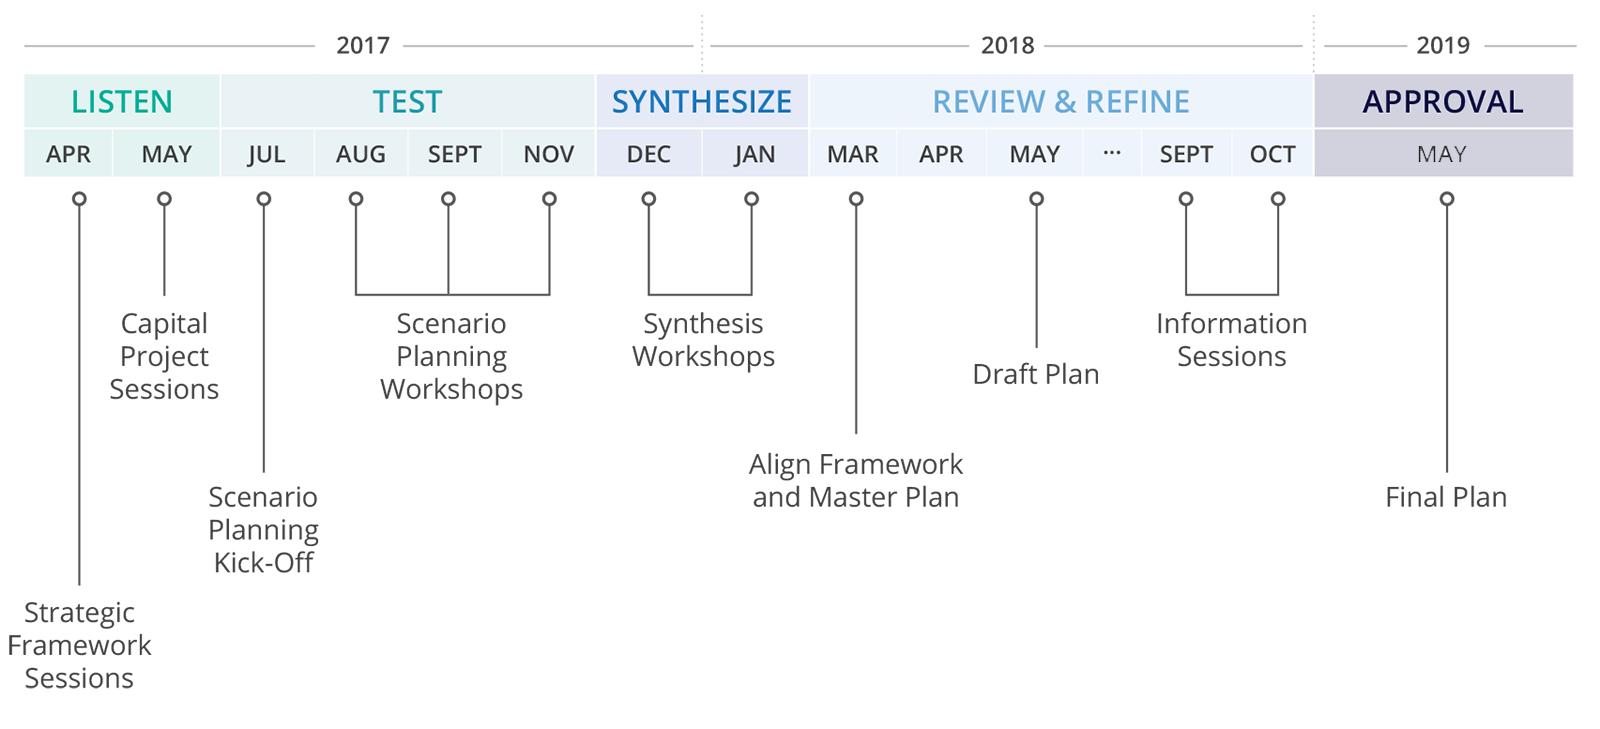 Master Plan Timeline